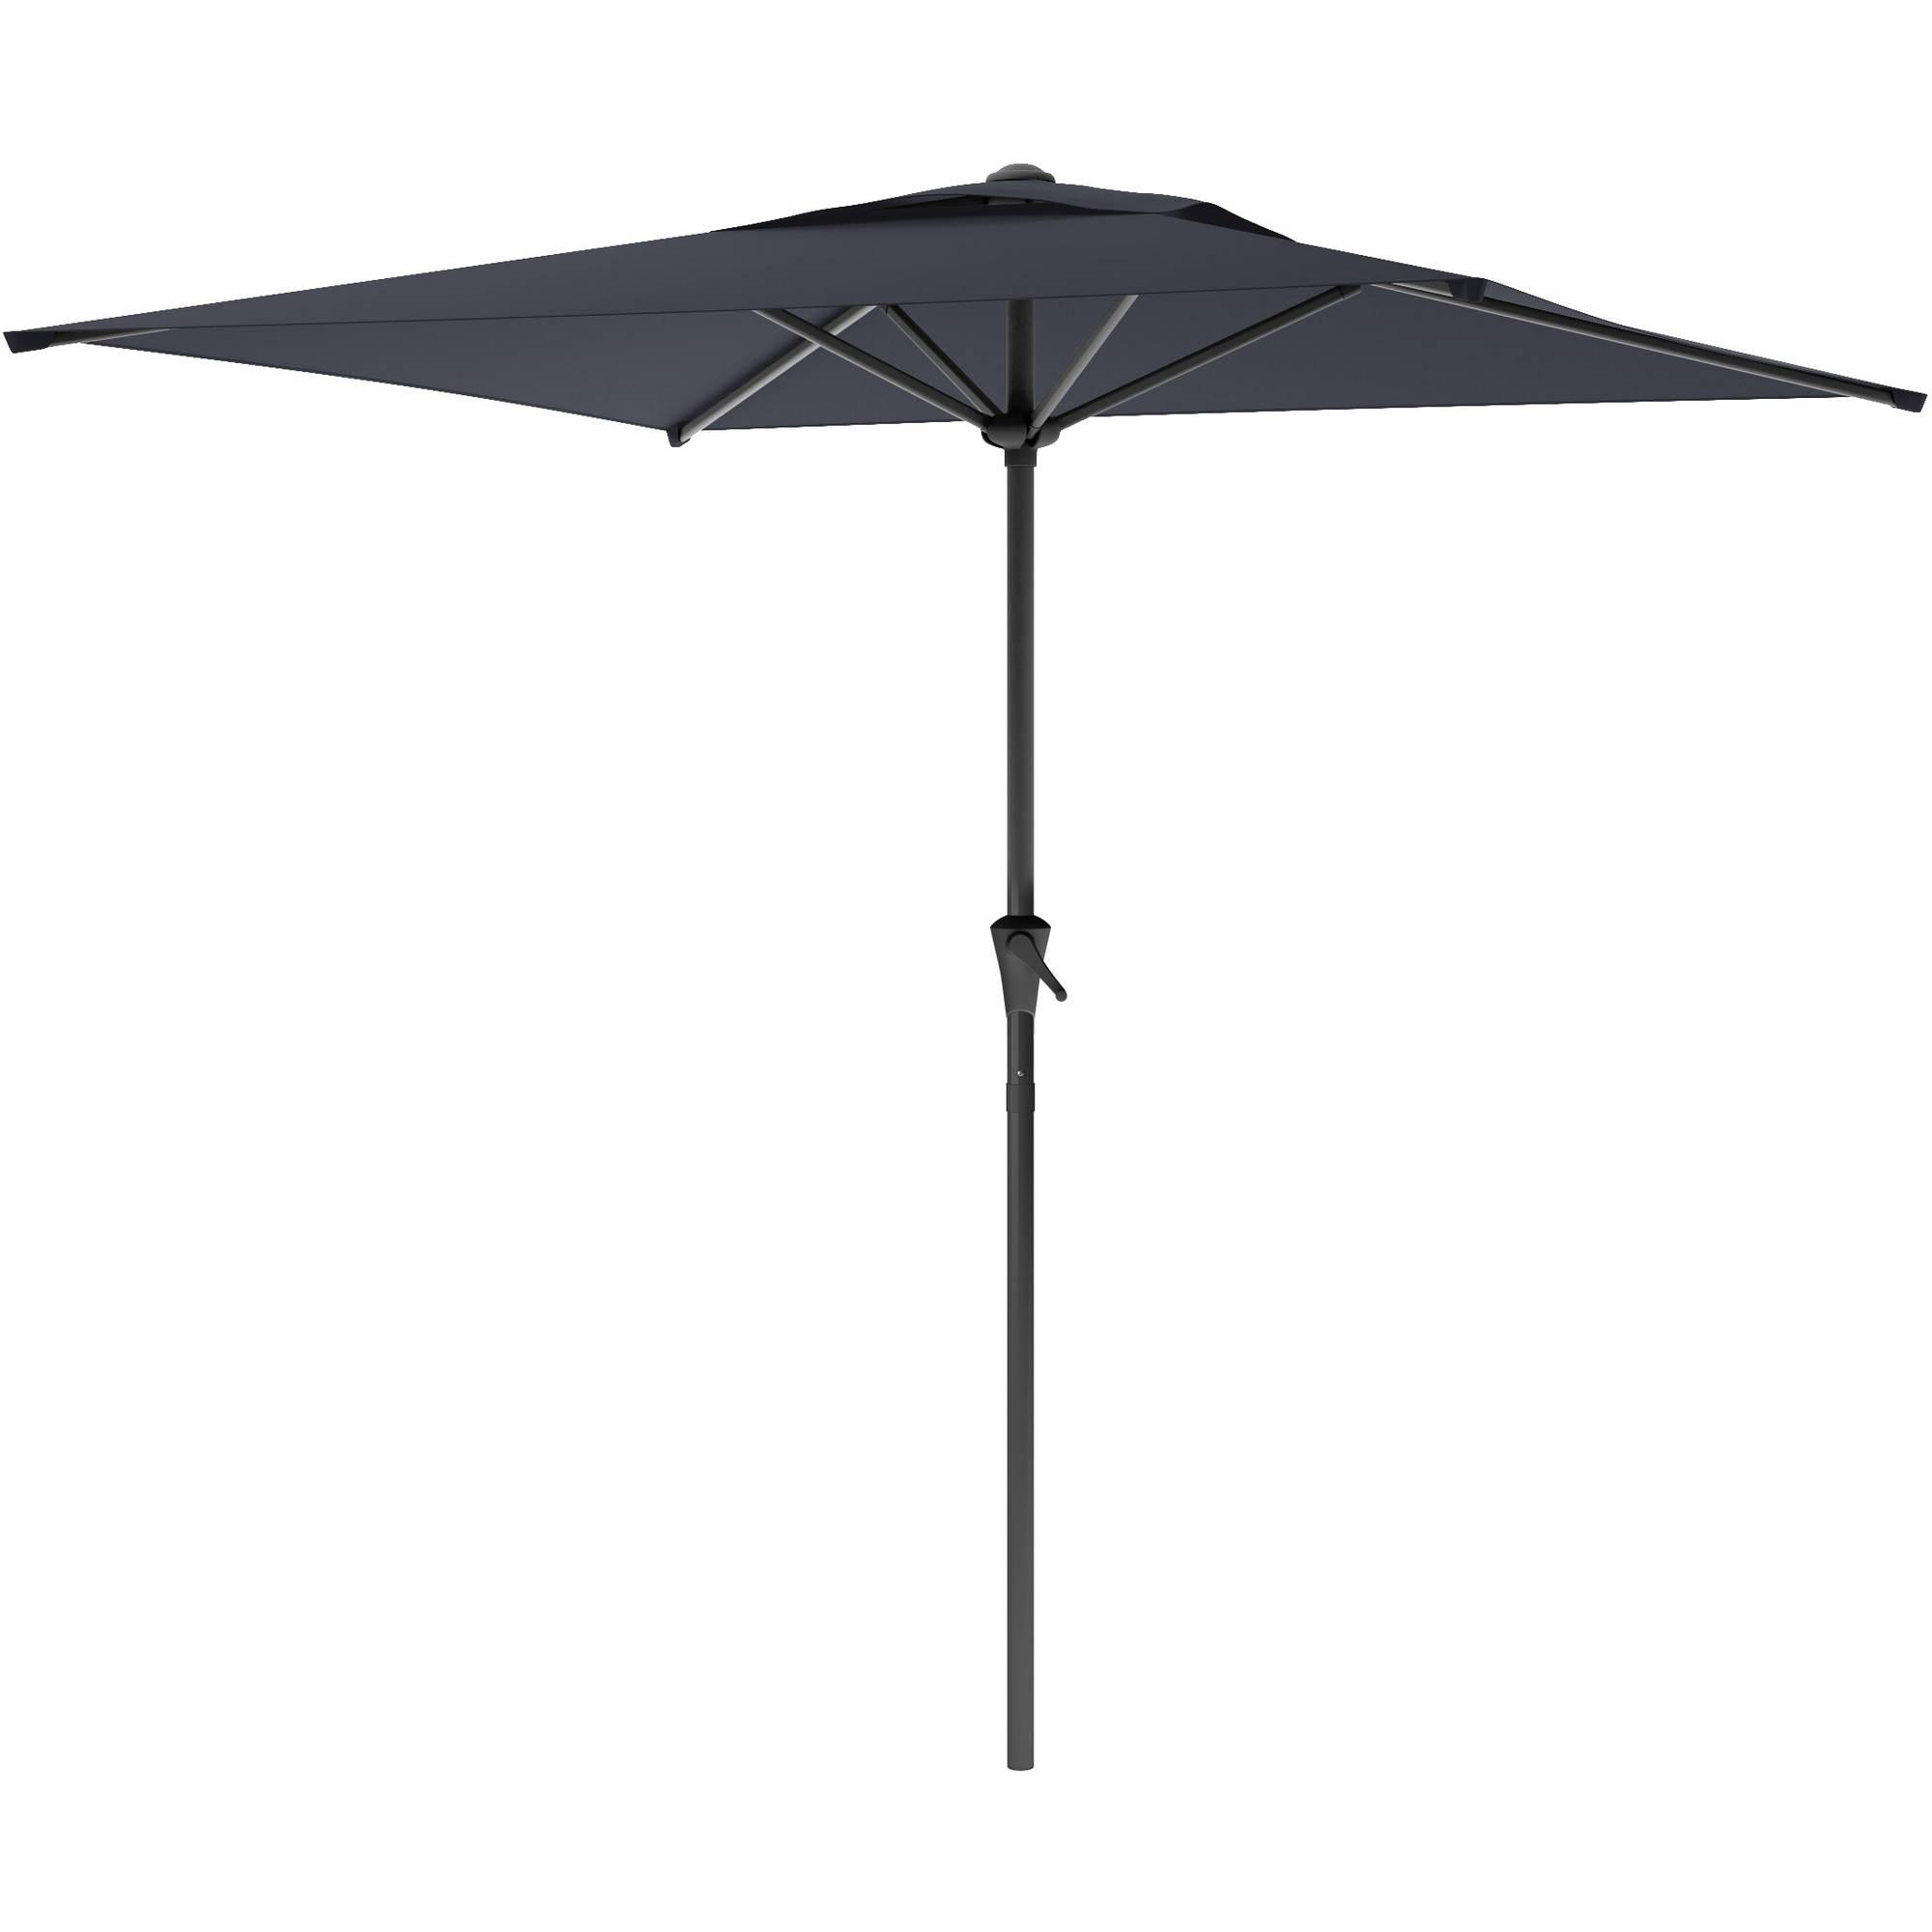 Favorite Sonax Corliving Square Patio Umbrella Metal Umbrellas In Black (View 12 of 20)